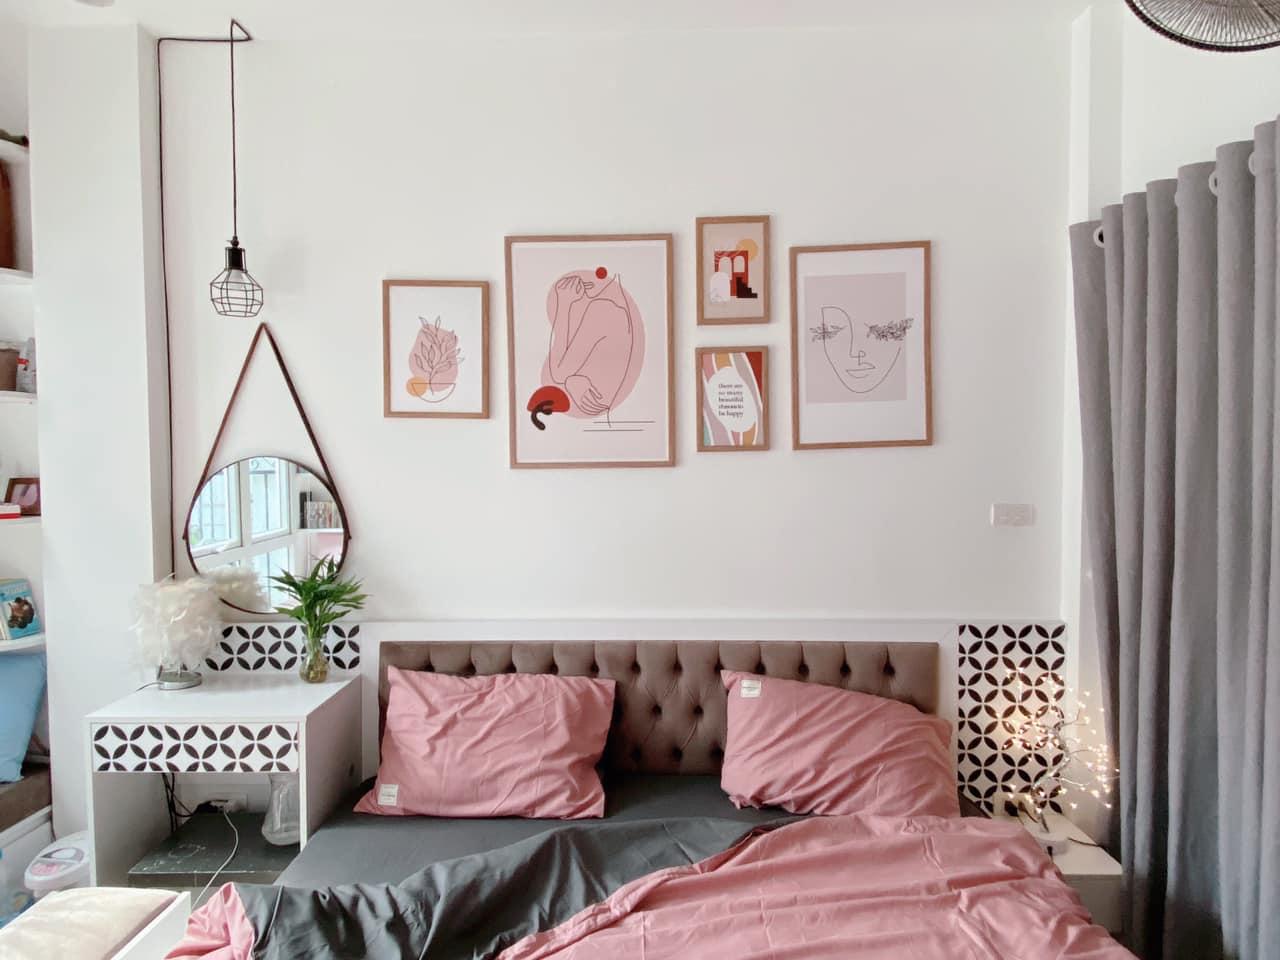 Giường ngủ và tranh treo tường